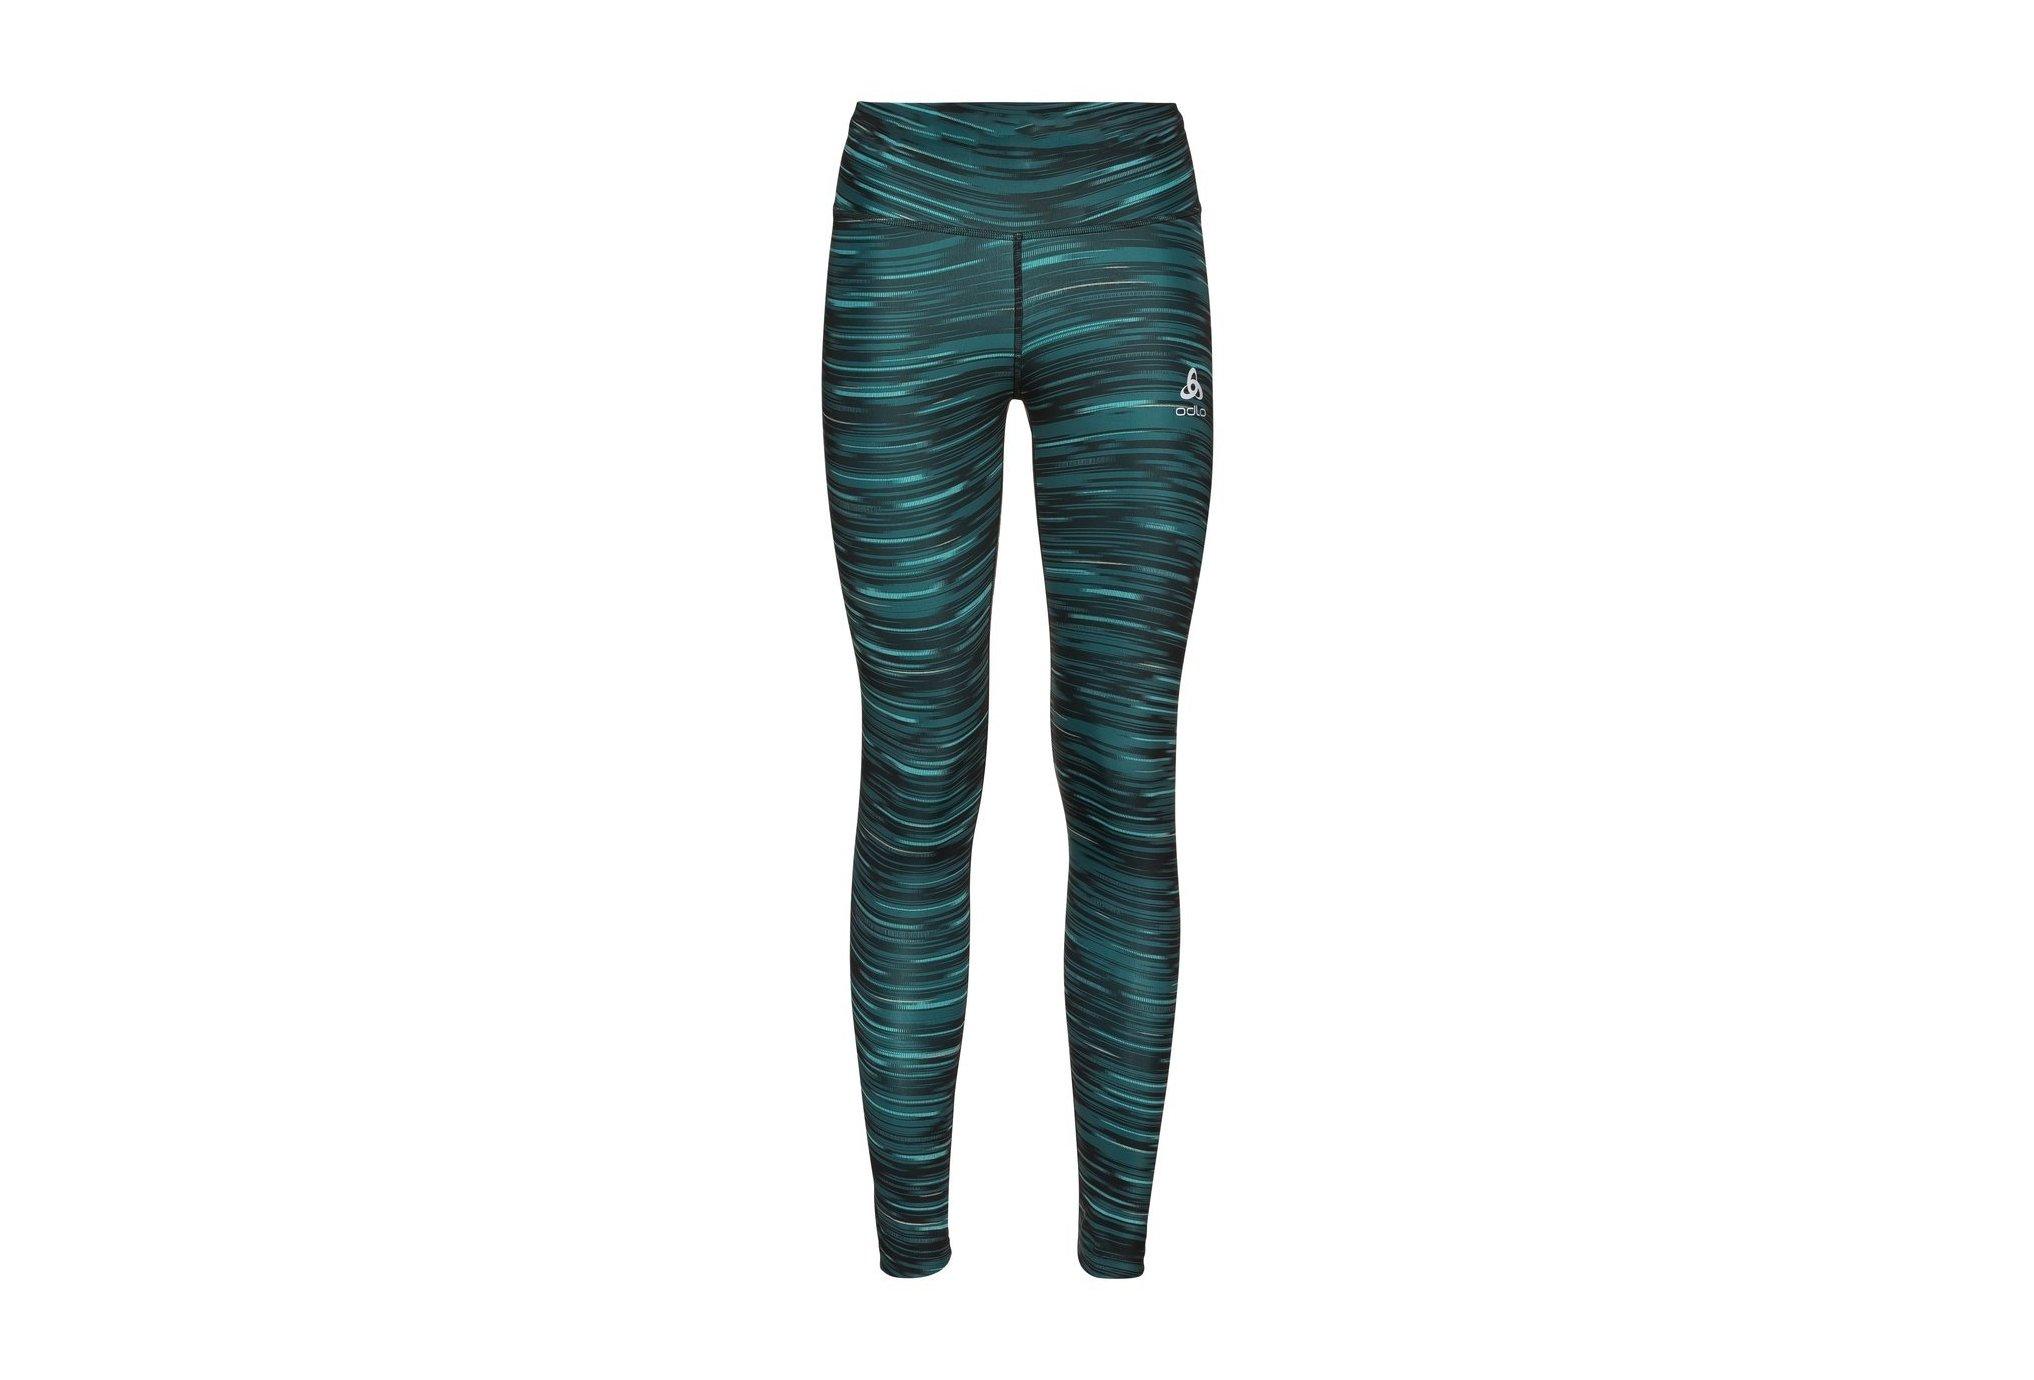 Odlo Zeroweight Reflective W vêtement running femme